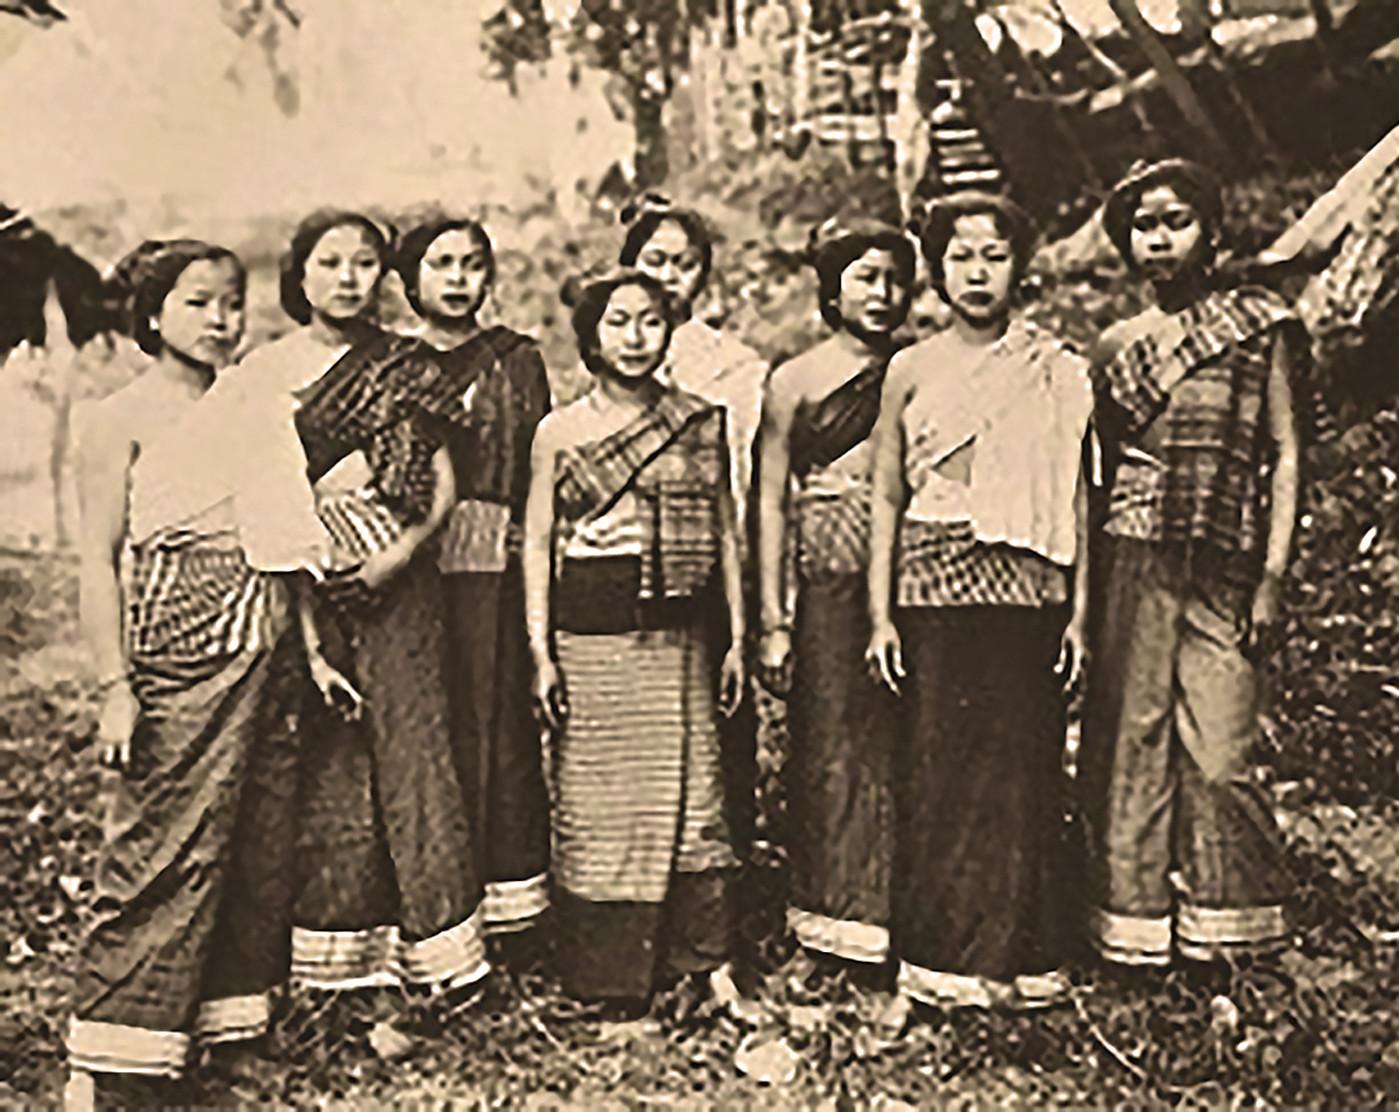 Thai Style Studio 1984 ซิ่น / ล้านนากับผ้าซิ่น / ภูมิปัญญาผ้าพื้นเมืองล้านนา 37